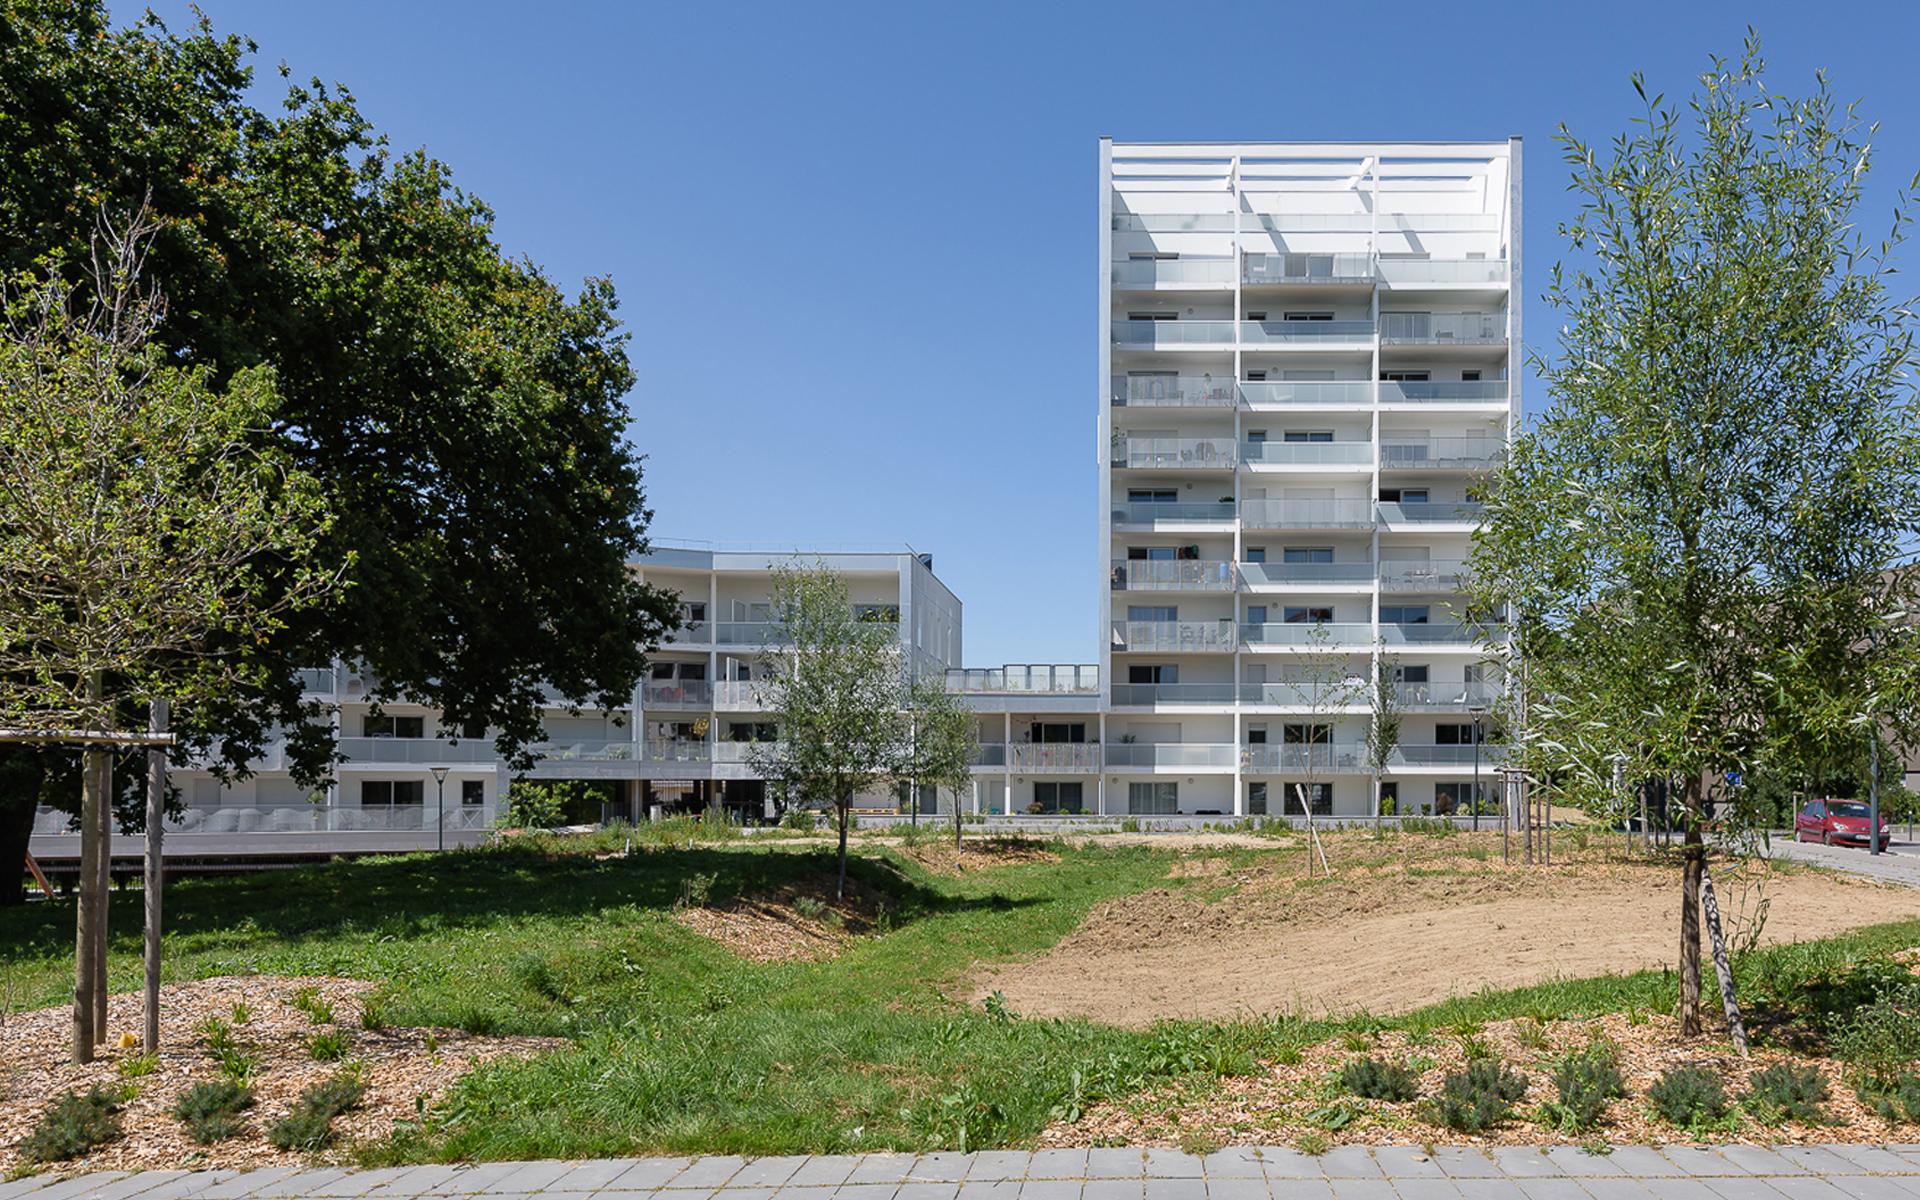 helios-park-07-rennes-architecture-bretagne-paumier-architectes-1920×1200